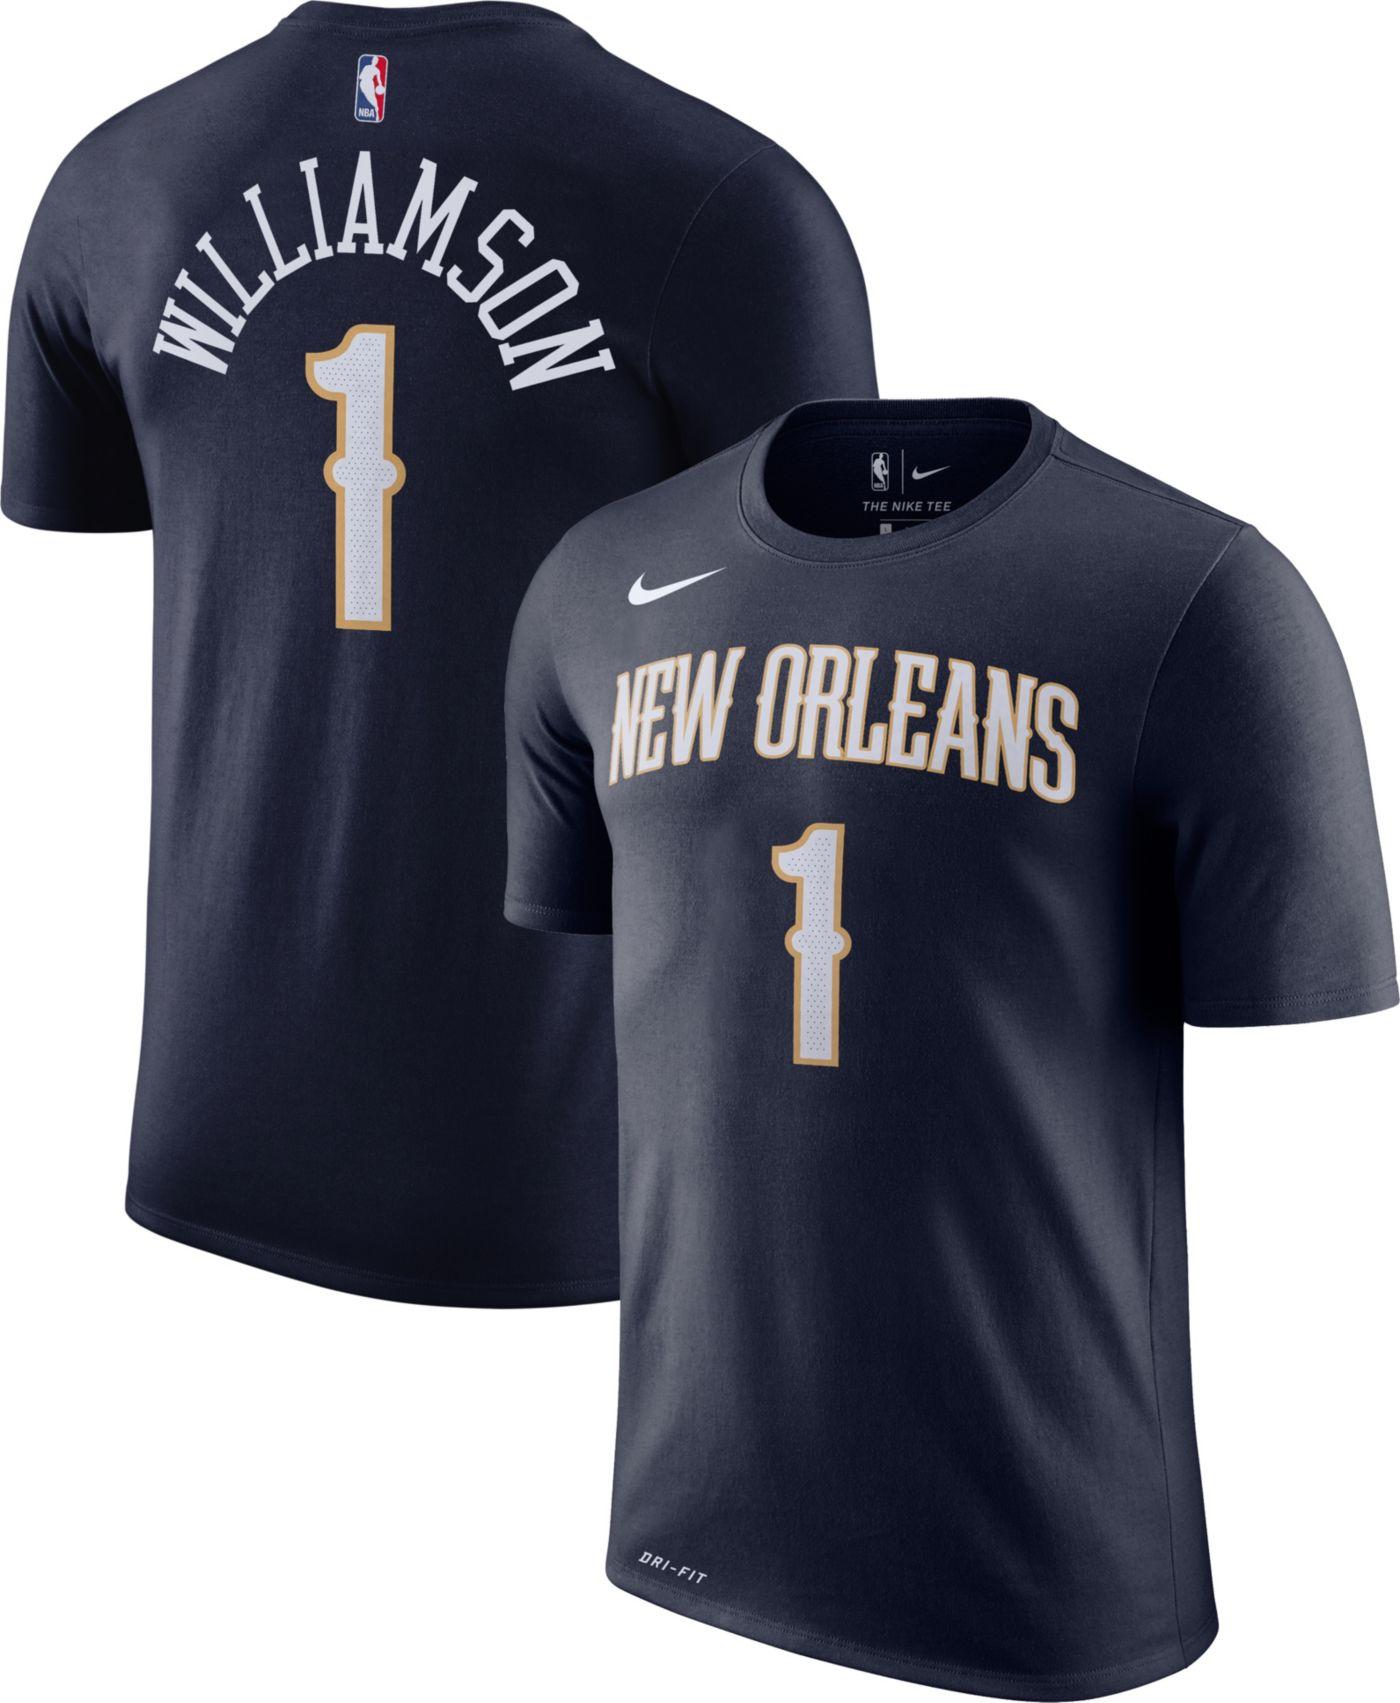 Nike Men's New Orleans Pelicans Zion Williamson #1 Dri-FIT Navy T-Shirt